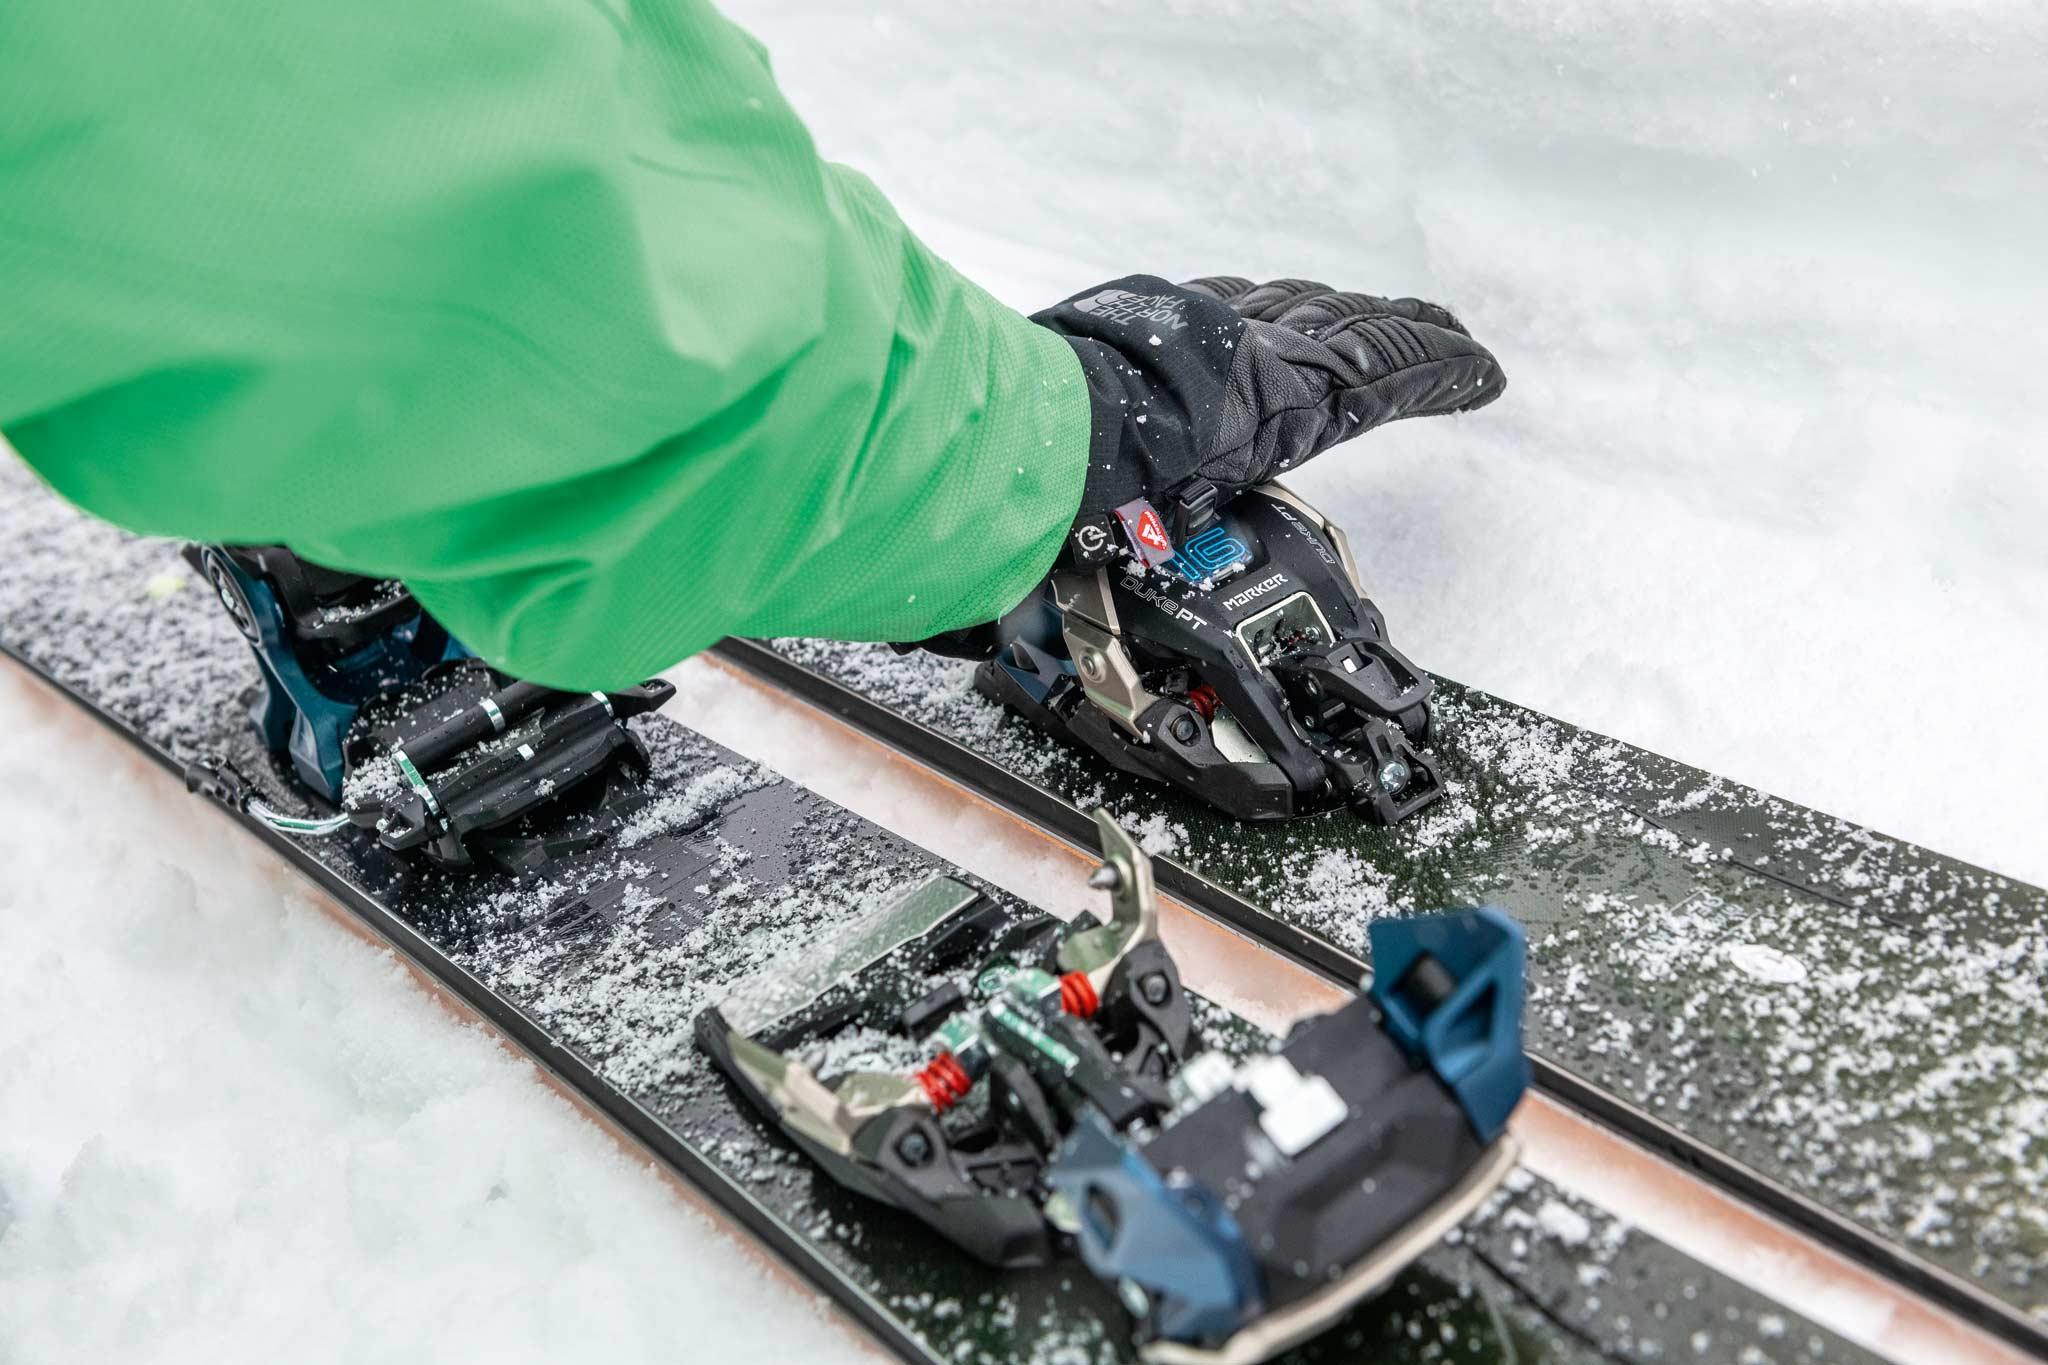 Zum Aufstieg wird der obere Teil des Vorderbackens nach vorne geklappt, was die Pin-Bindung freilegt. Um bewegtes Gewicht am Ski zu sparen, kann das vordere Oberteil auch abgenommen und im Rucksack verstaut werden - Foto: Pally Learmond